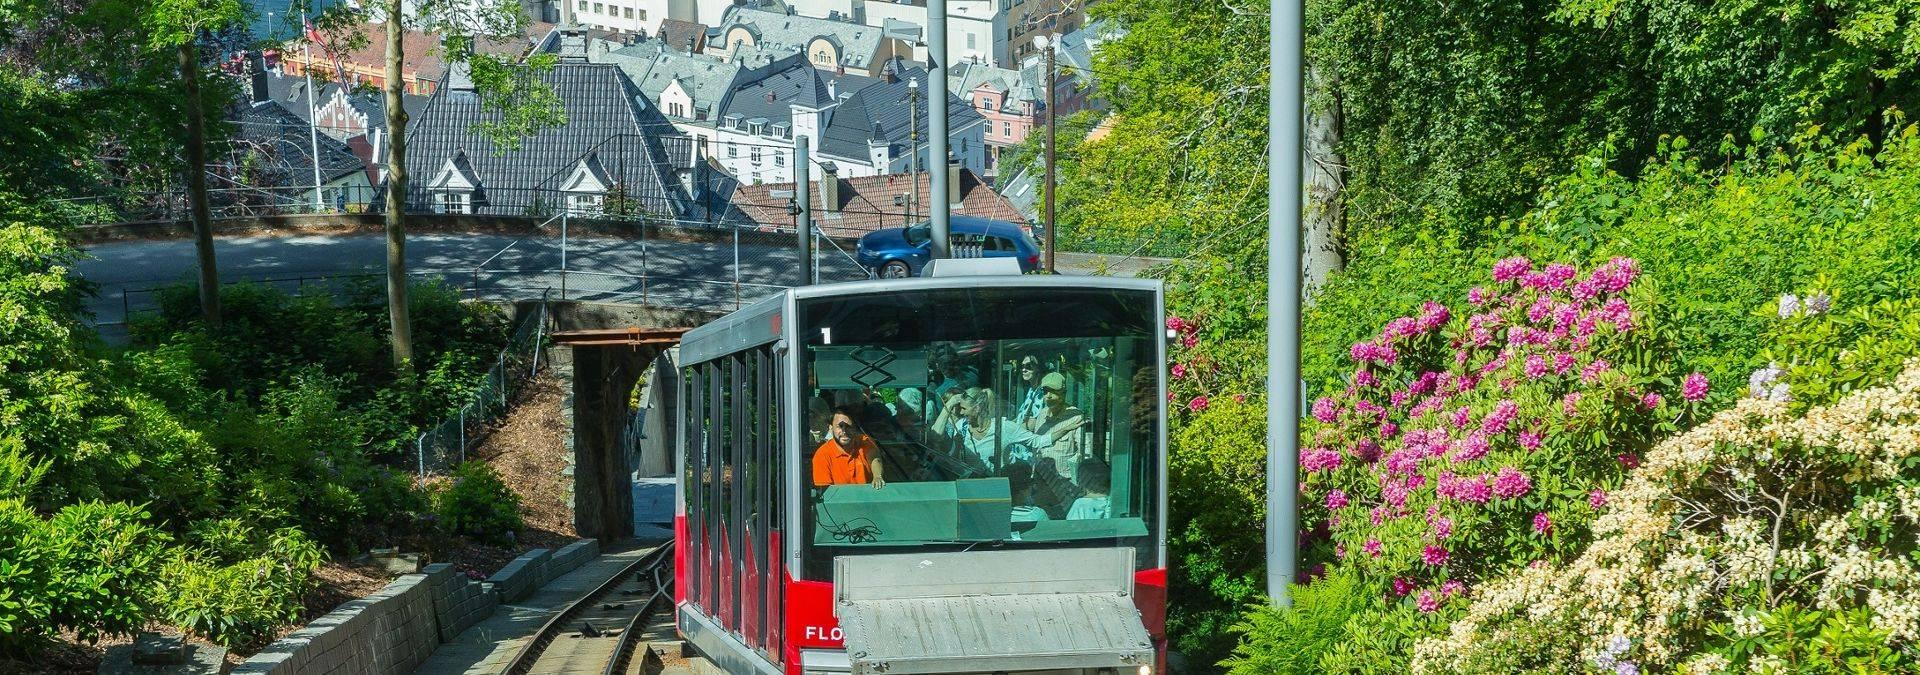 Norwegen / Norway / Norge Credit Bergen Tourist Board & Nordlandblog.com - Visit Bergen